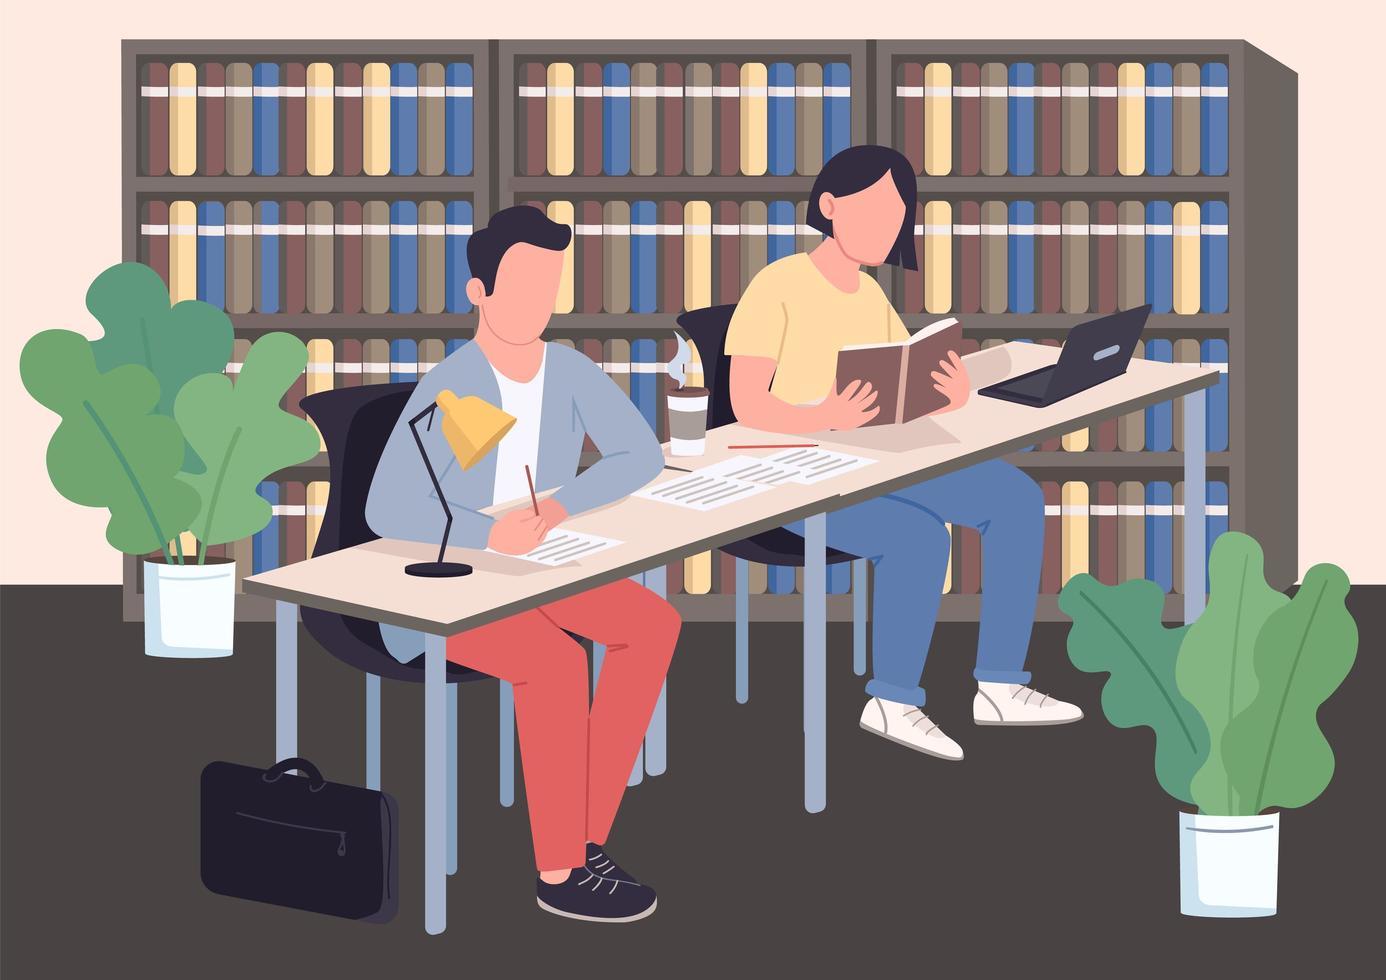 klasgenoten studeren in bibliotheek vector